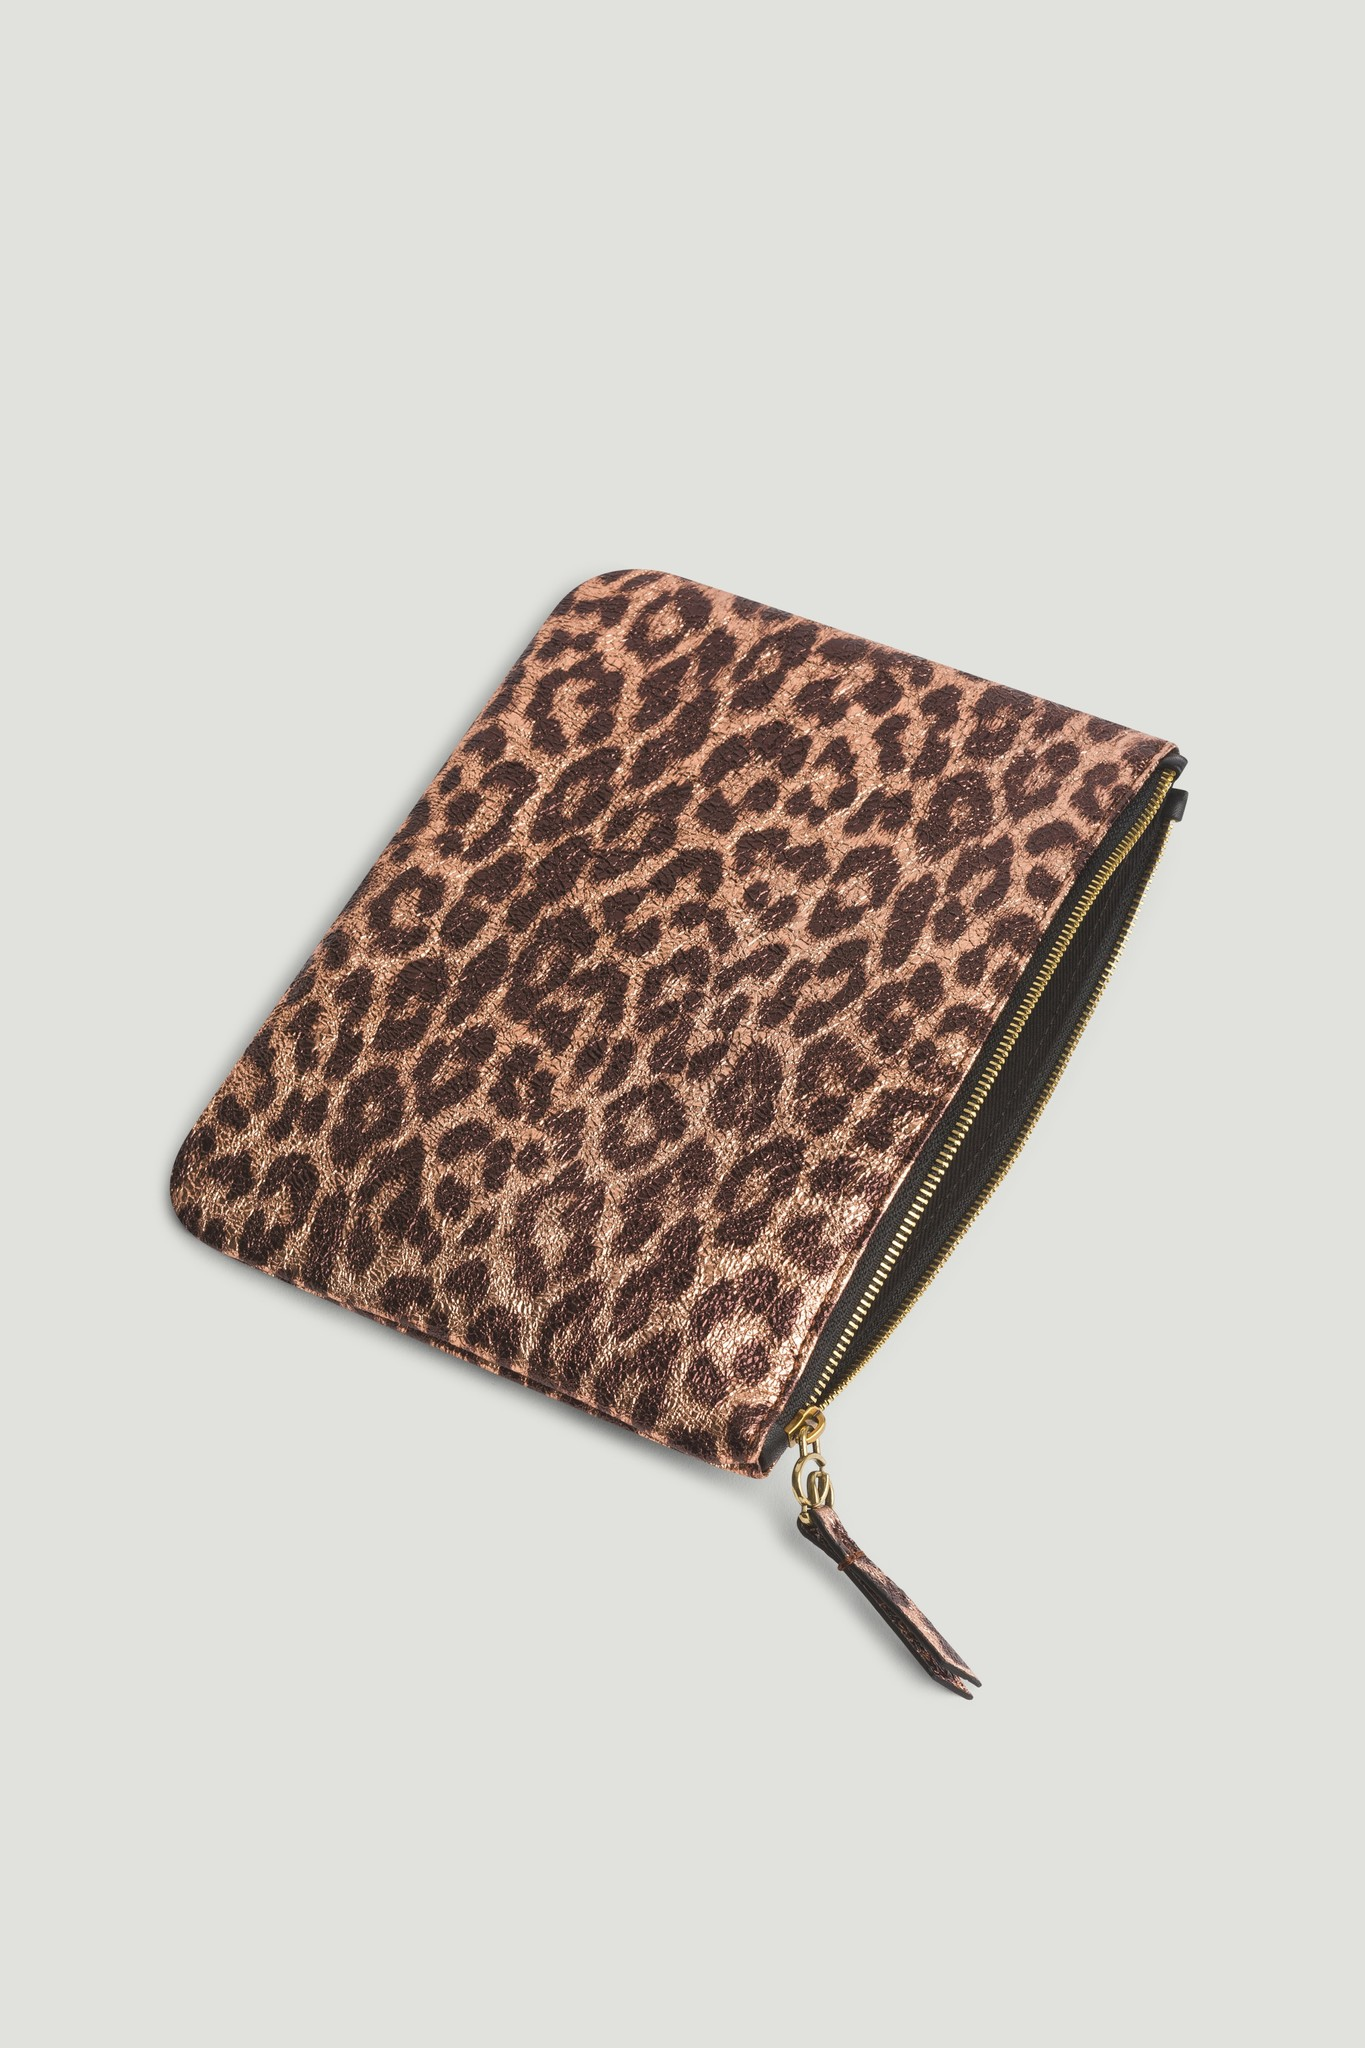 POCKET - Кошелек с леопардовым принтом